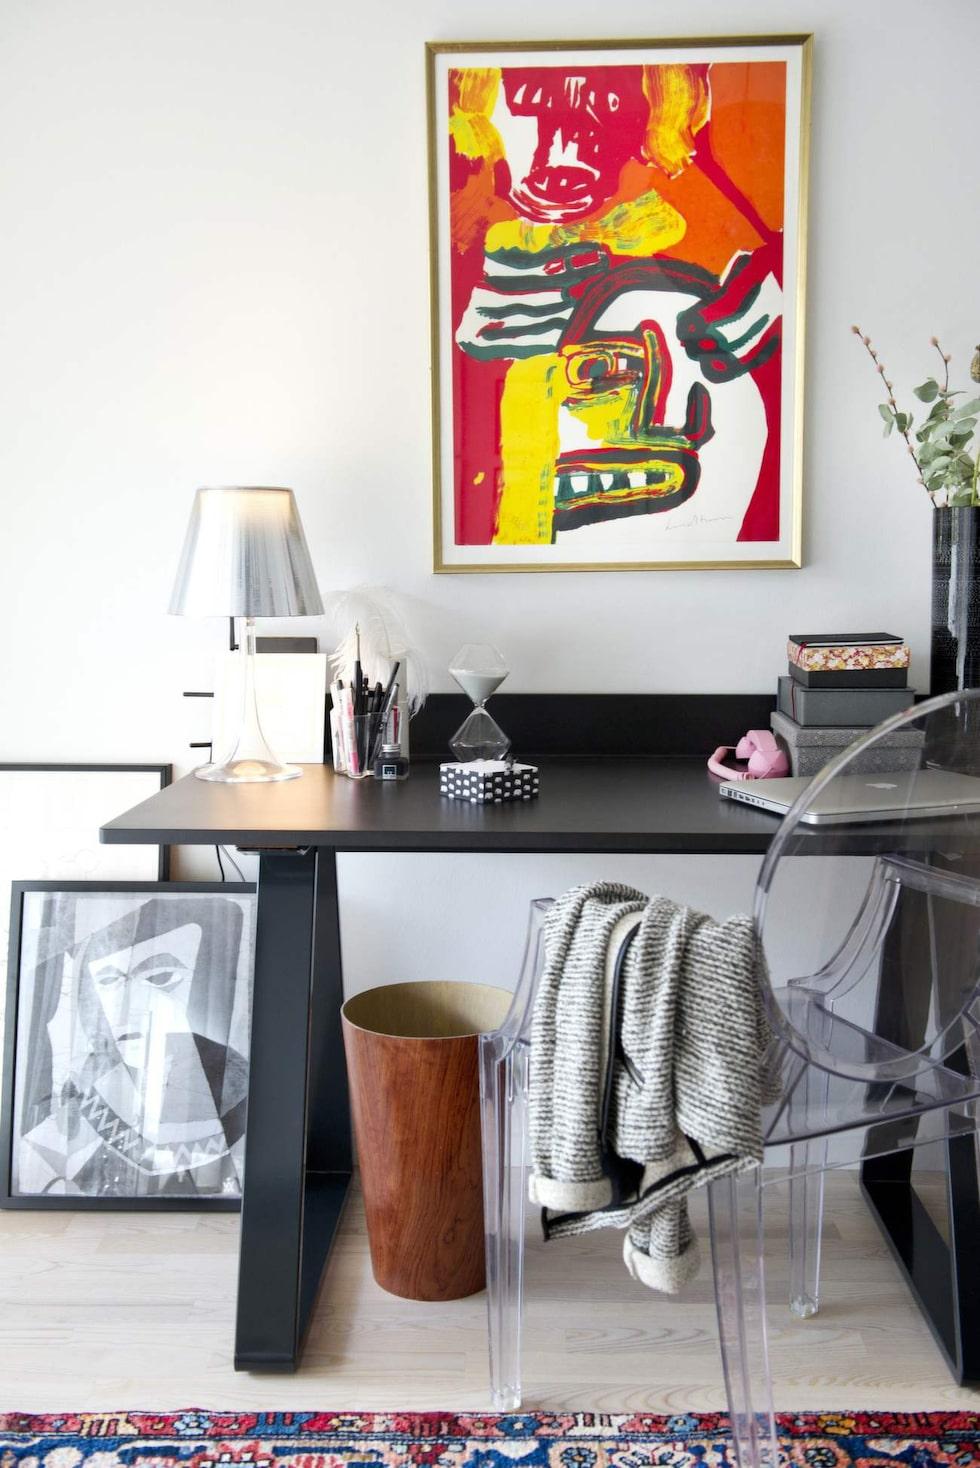 I hemmakontoret blandas arvegods med klassiker. Stol och bordslampa från Kartell. Skrivbord från Asplund. Papperskorg i mahogny, designad och tillverkad av Catrines farfars bror som var designer på 50-talet. Tavla på väggenav Bengt Lindström, på golvet syns Vega Åbergs, Catrines farmors, verk.